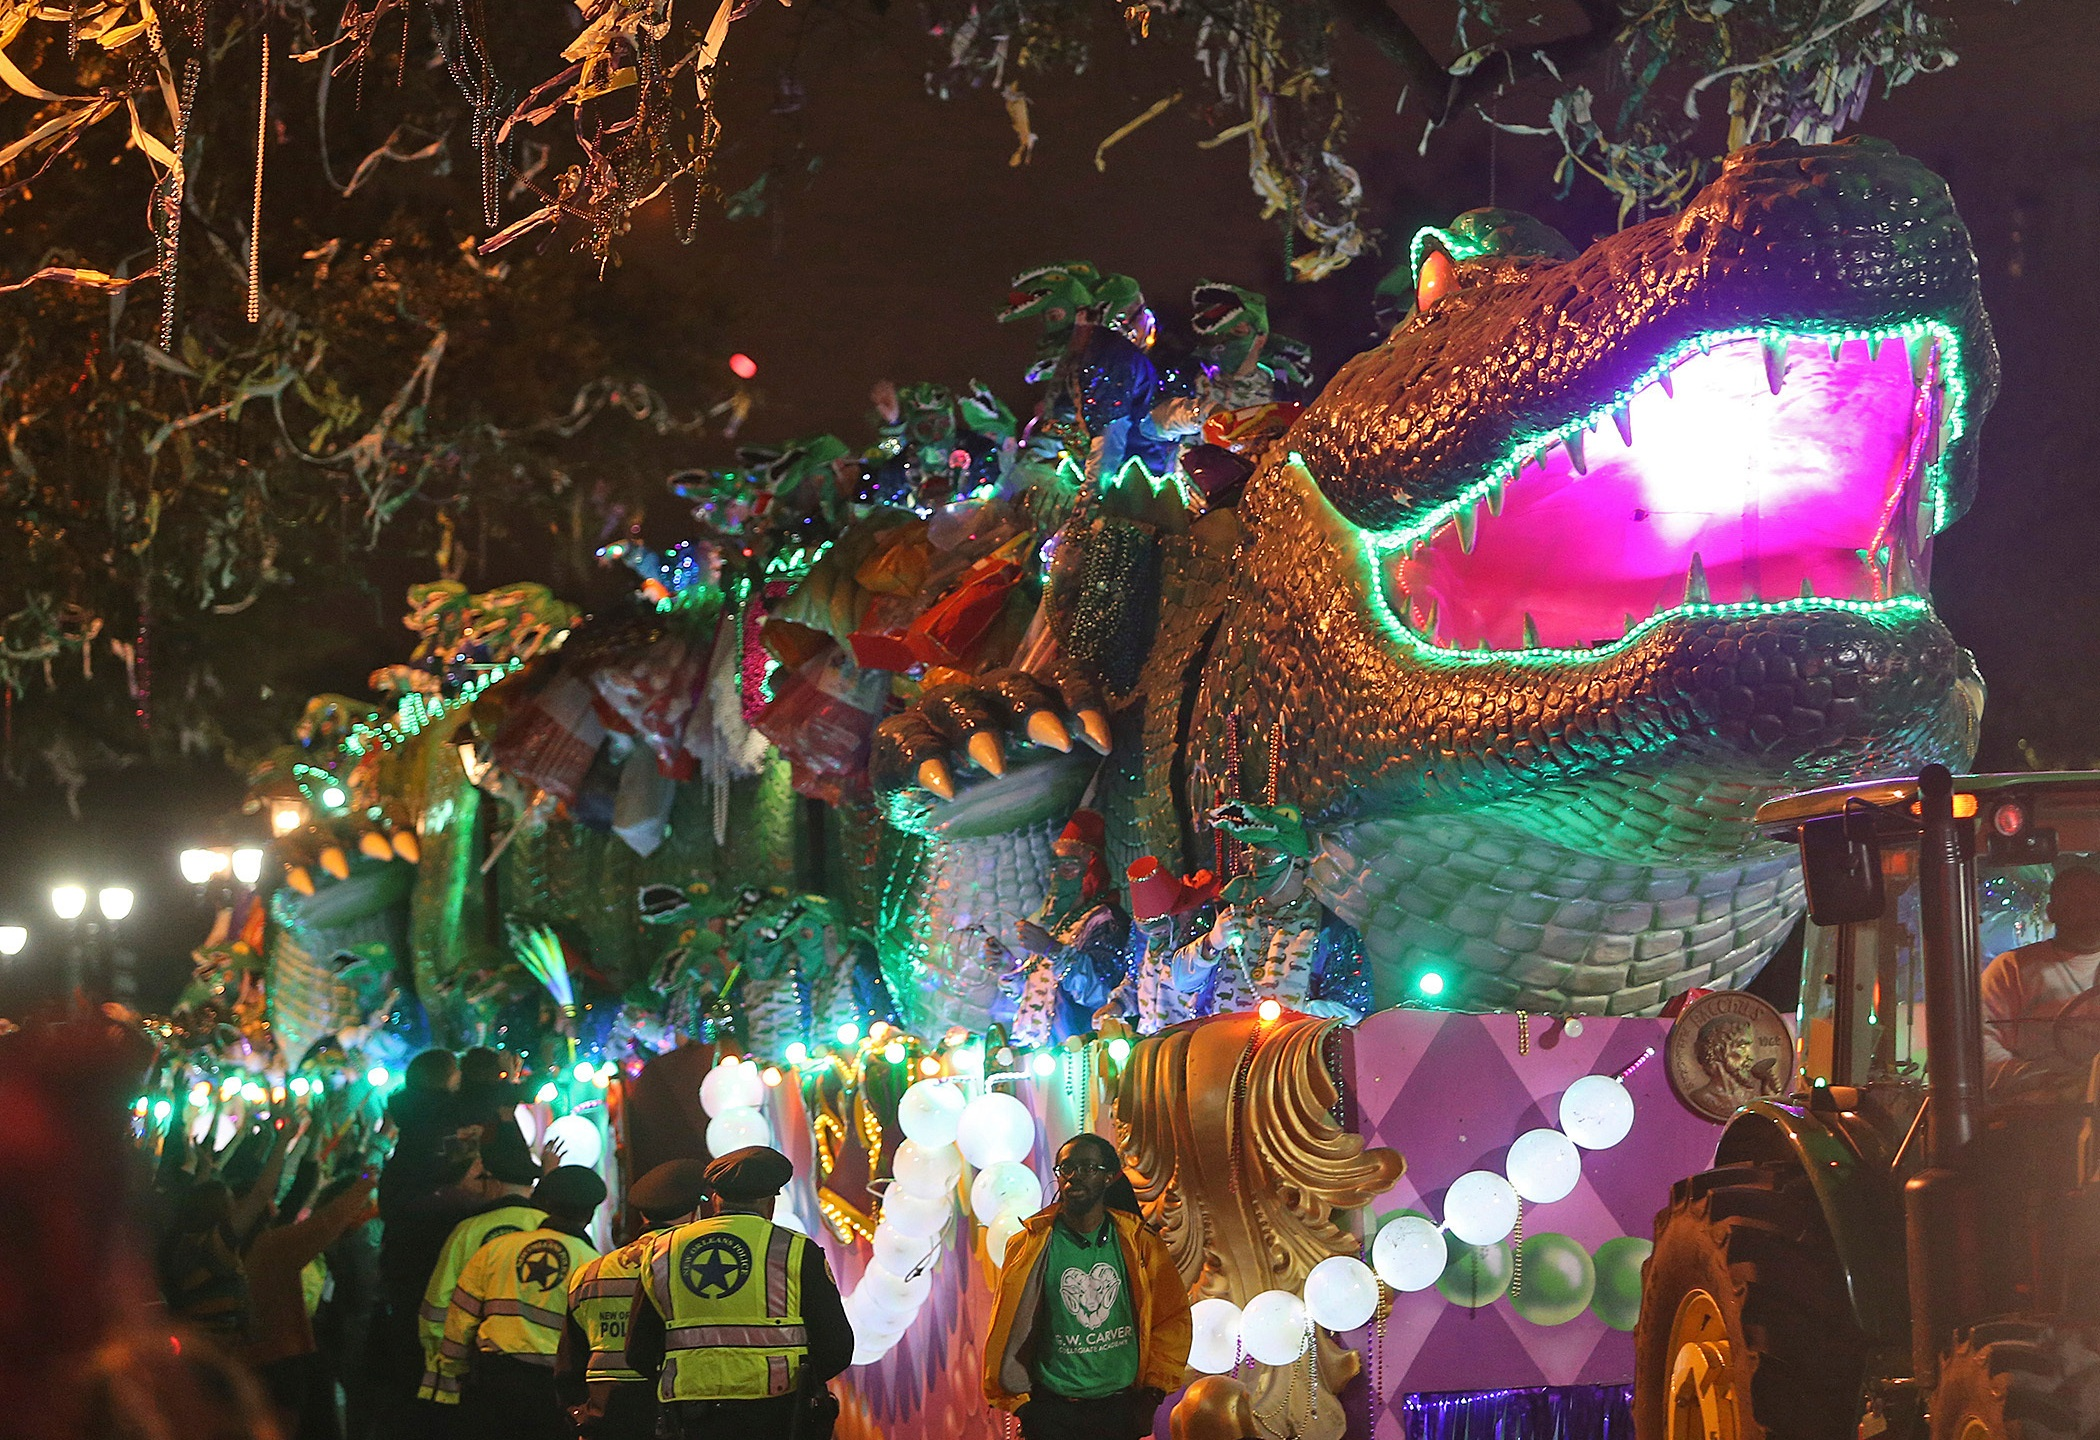 Mardi_Gras_Parade_32667-159532-159532.jpg35476244